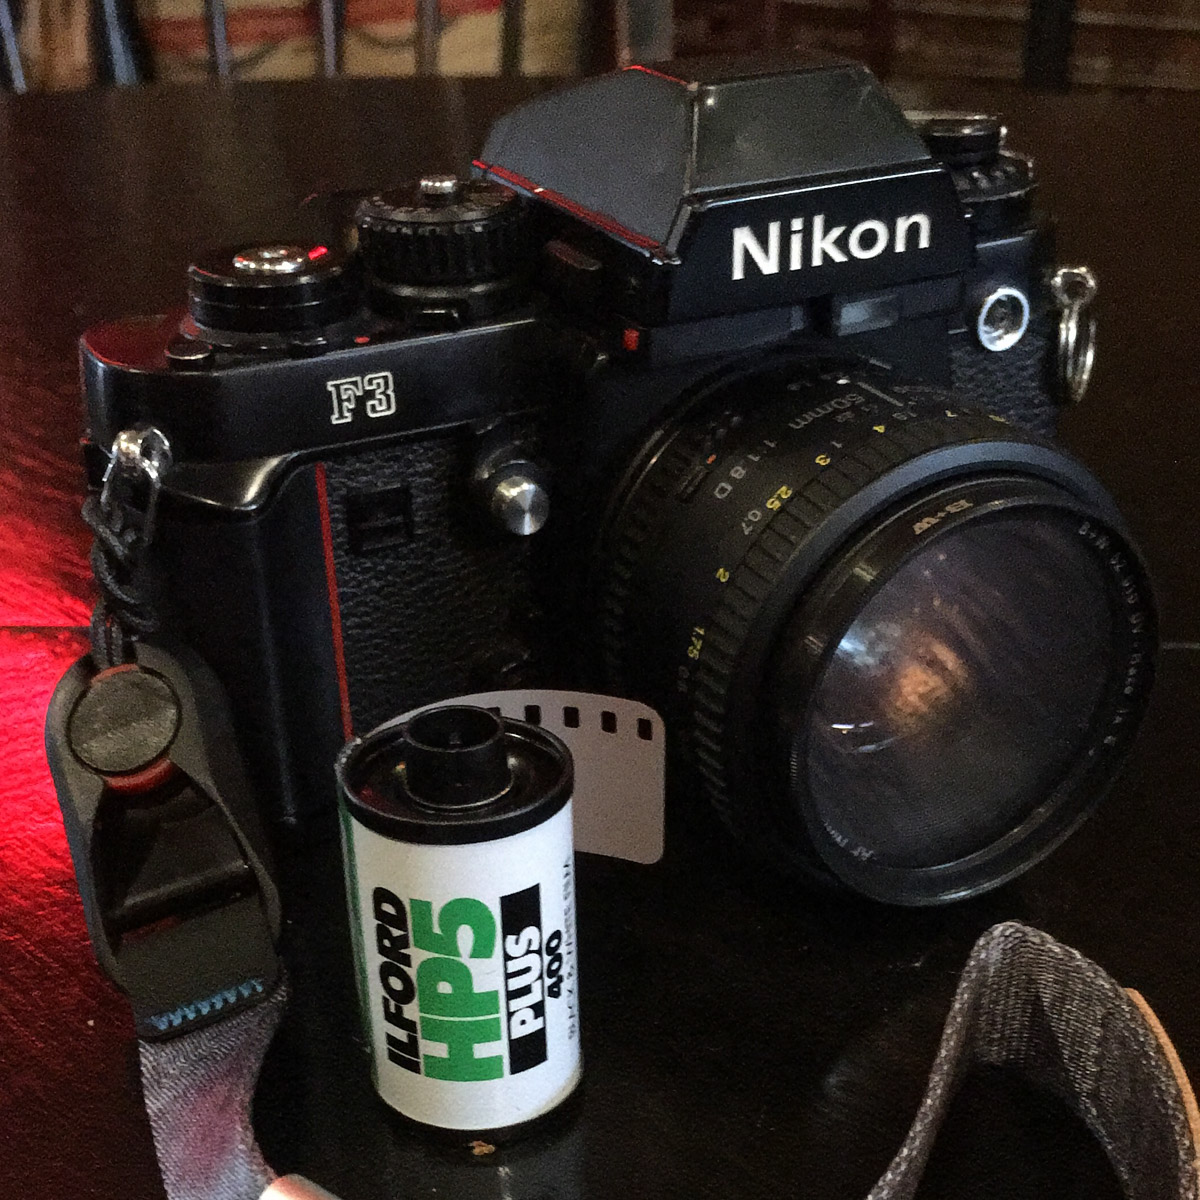 My Nikon F3 and Nikkor 50mm f/1.8 AF-D